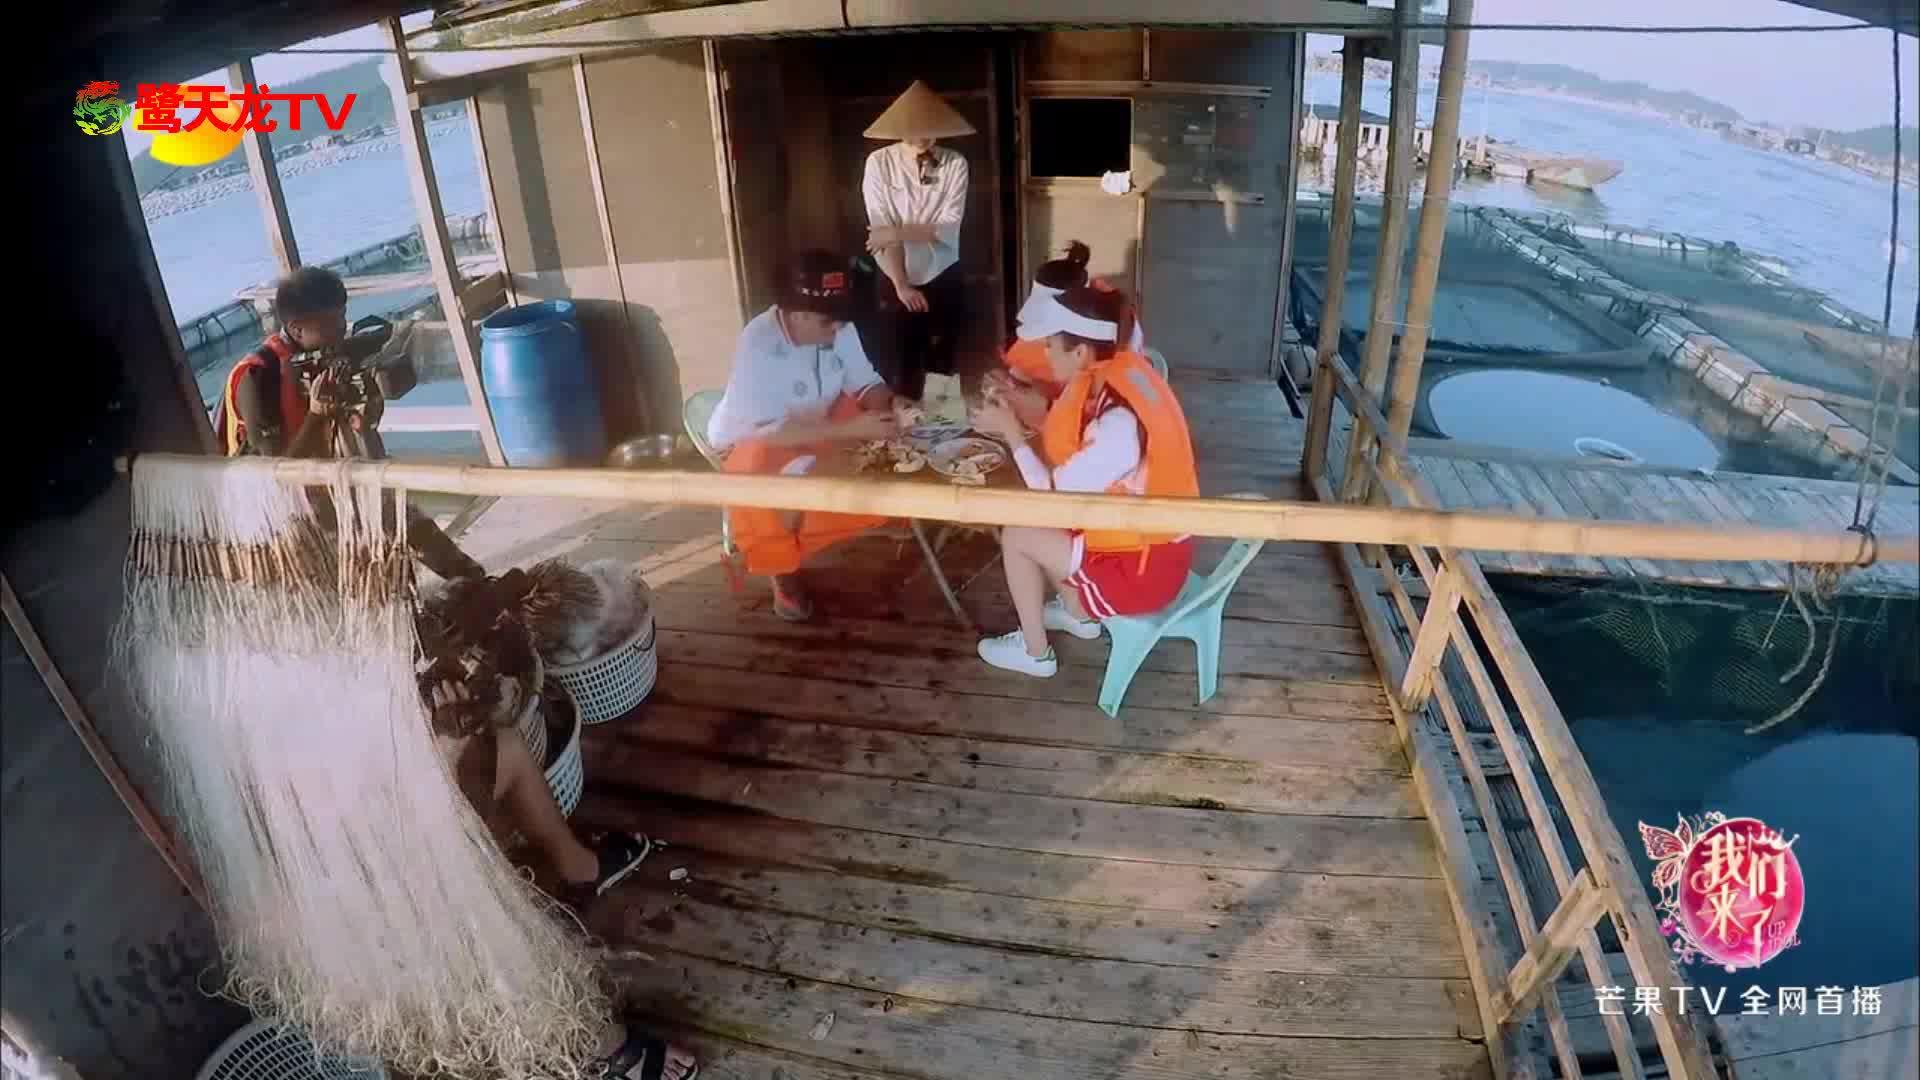 波叔的美意无法拒绝 摄像大哥嘴上说不要手却接住了螃蟹